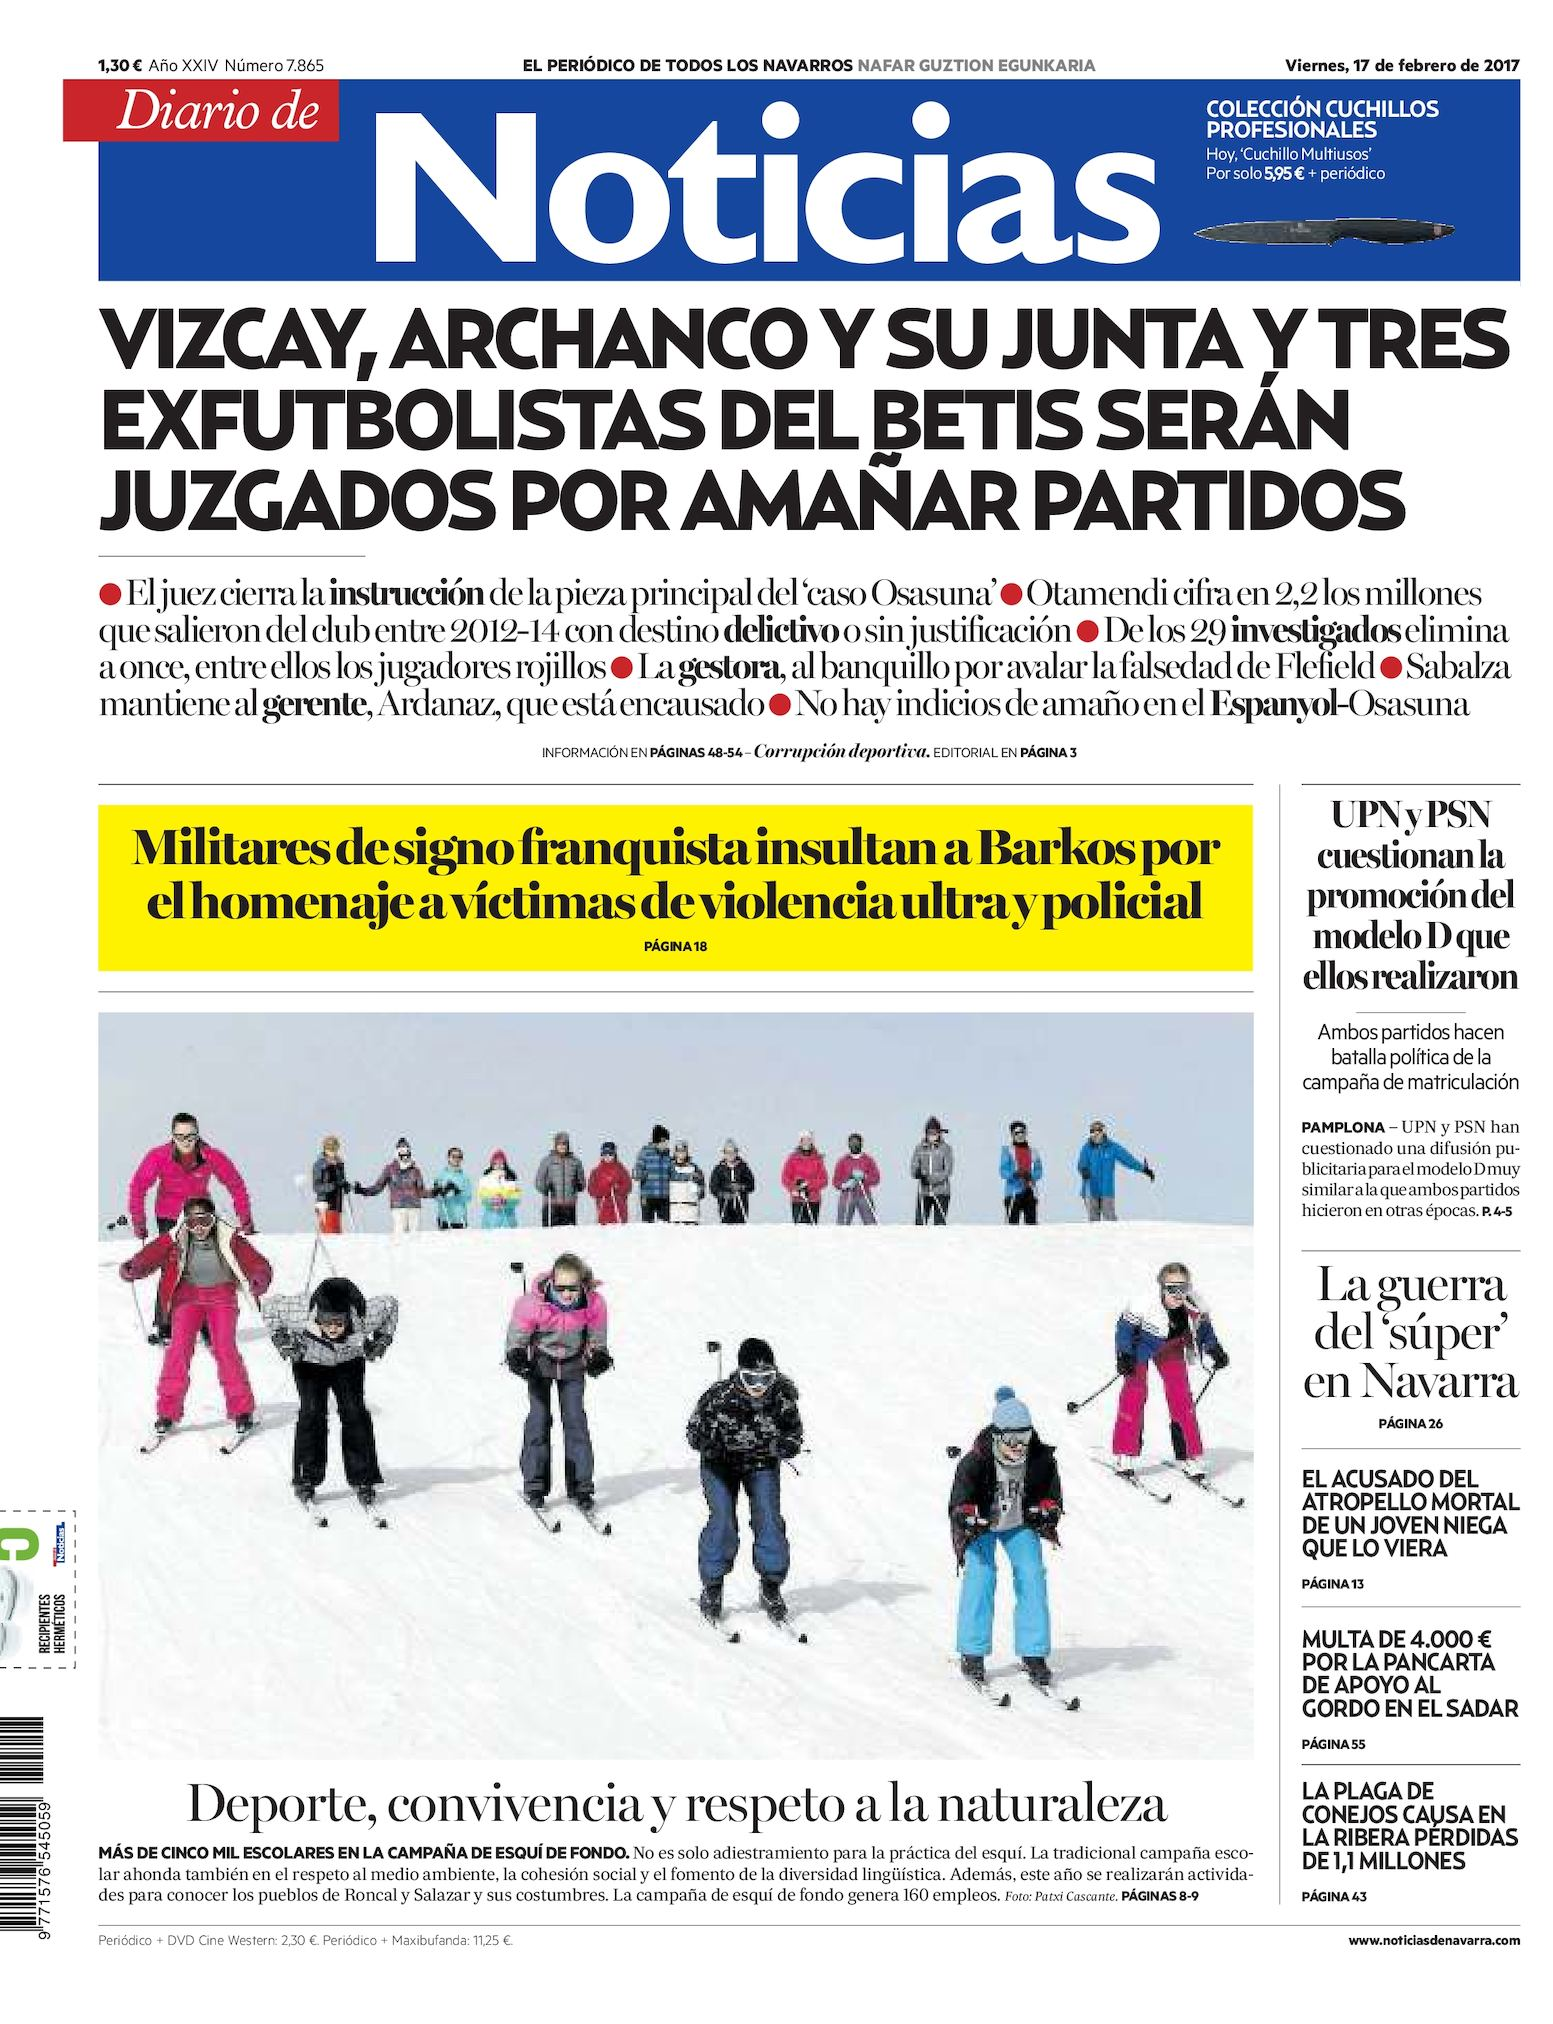 af7d4e78677 Calaméo - Diario de Noticias 20170217